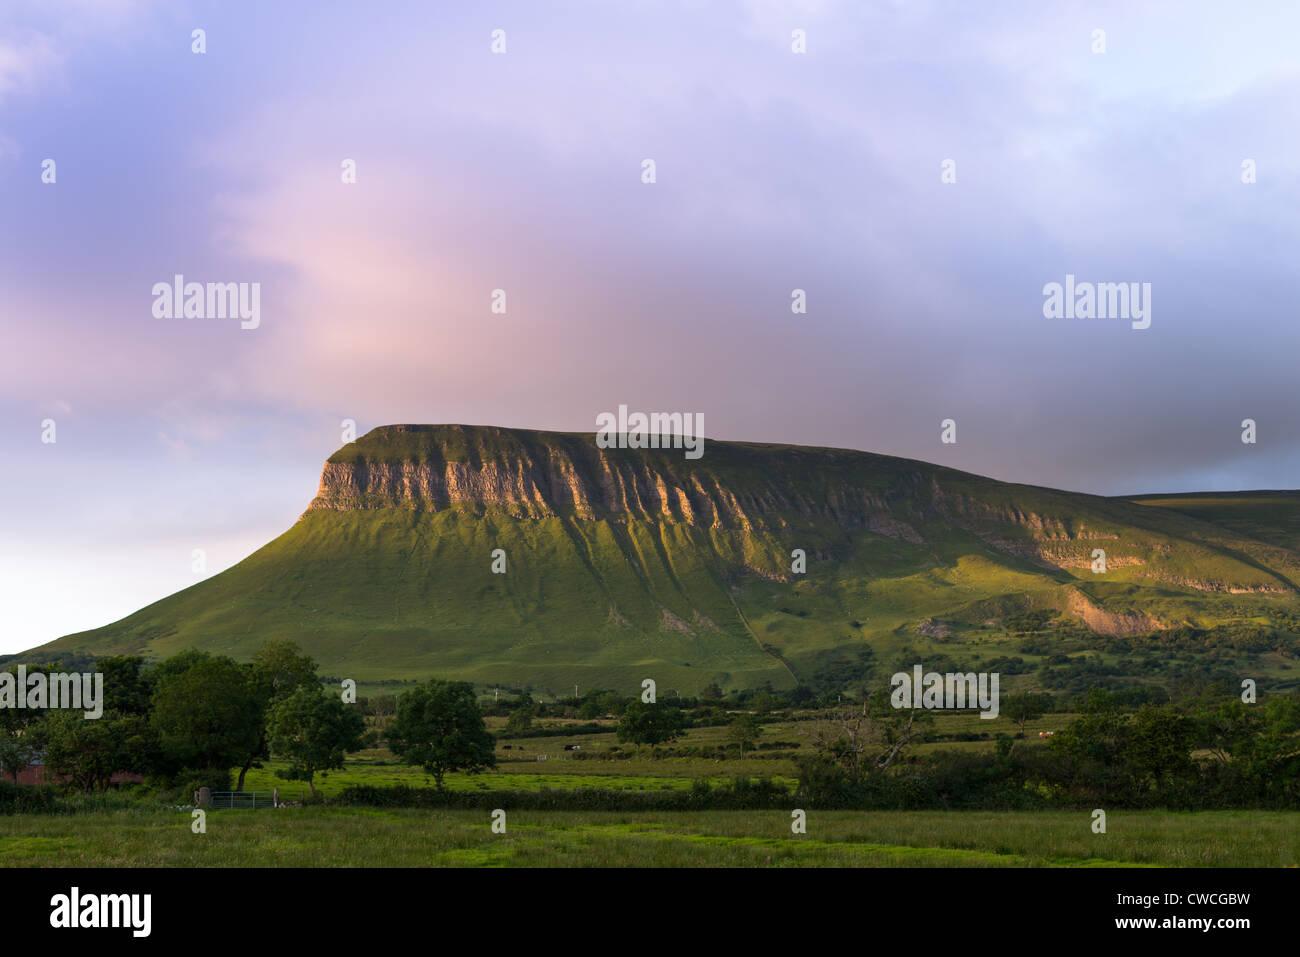 Ben Bulben tabletop mountain, County Sligo, Connacht, Ireland, Europe. - Stock Image